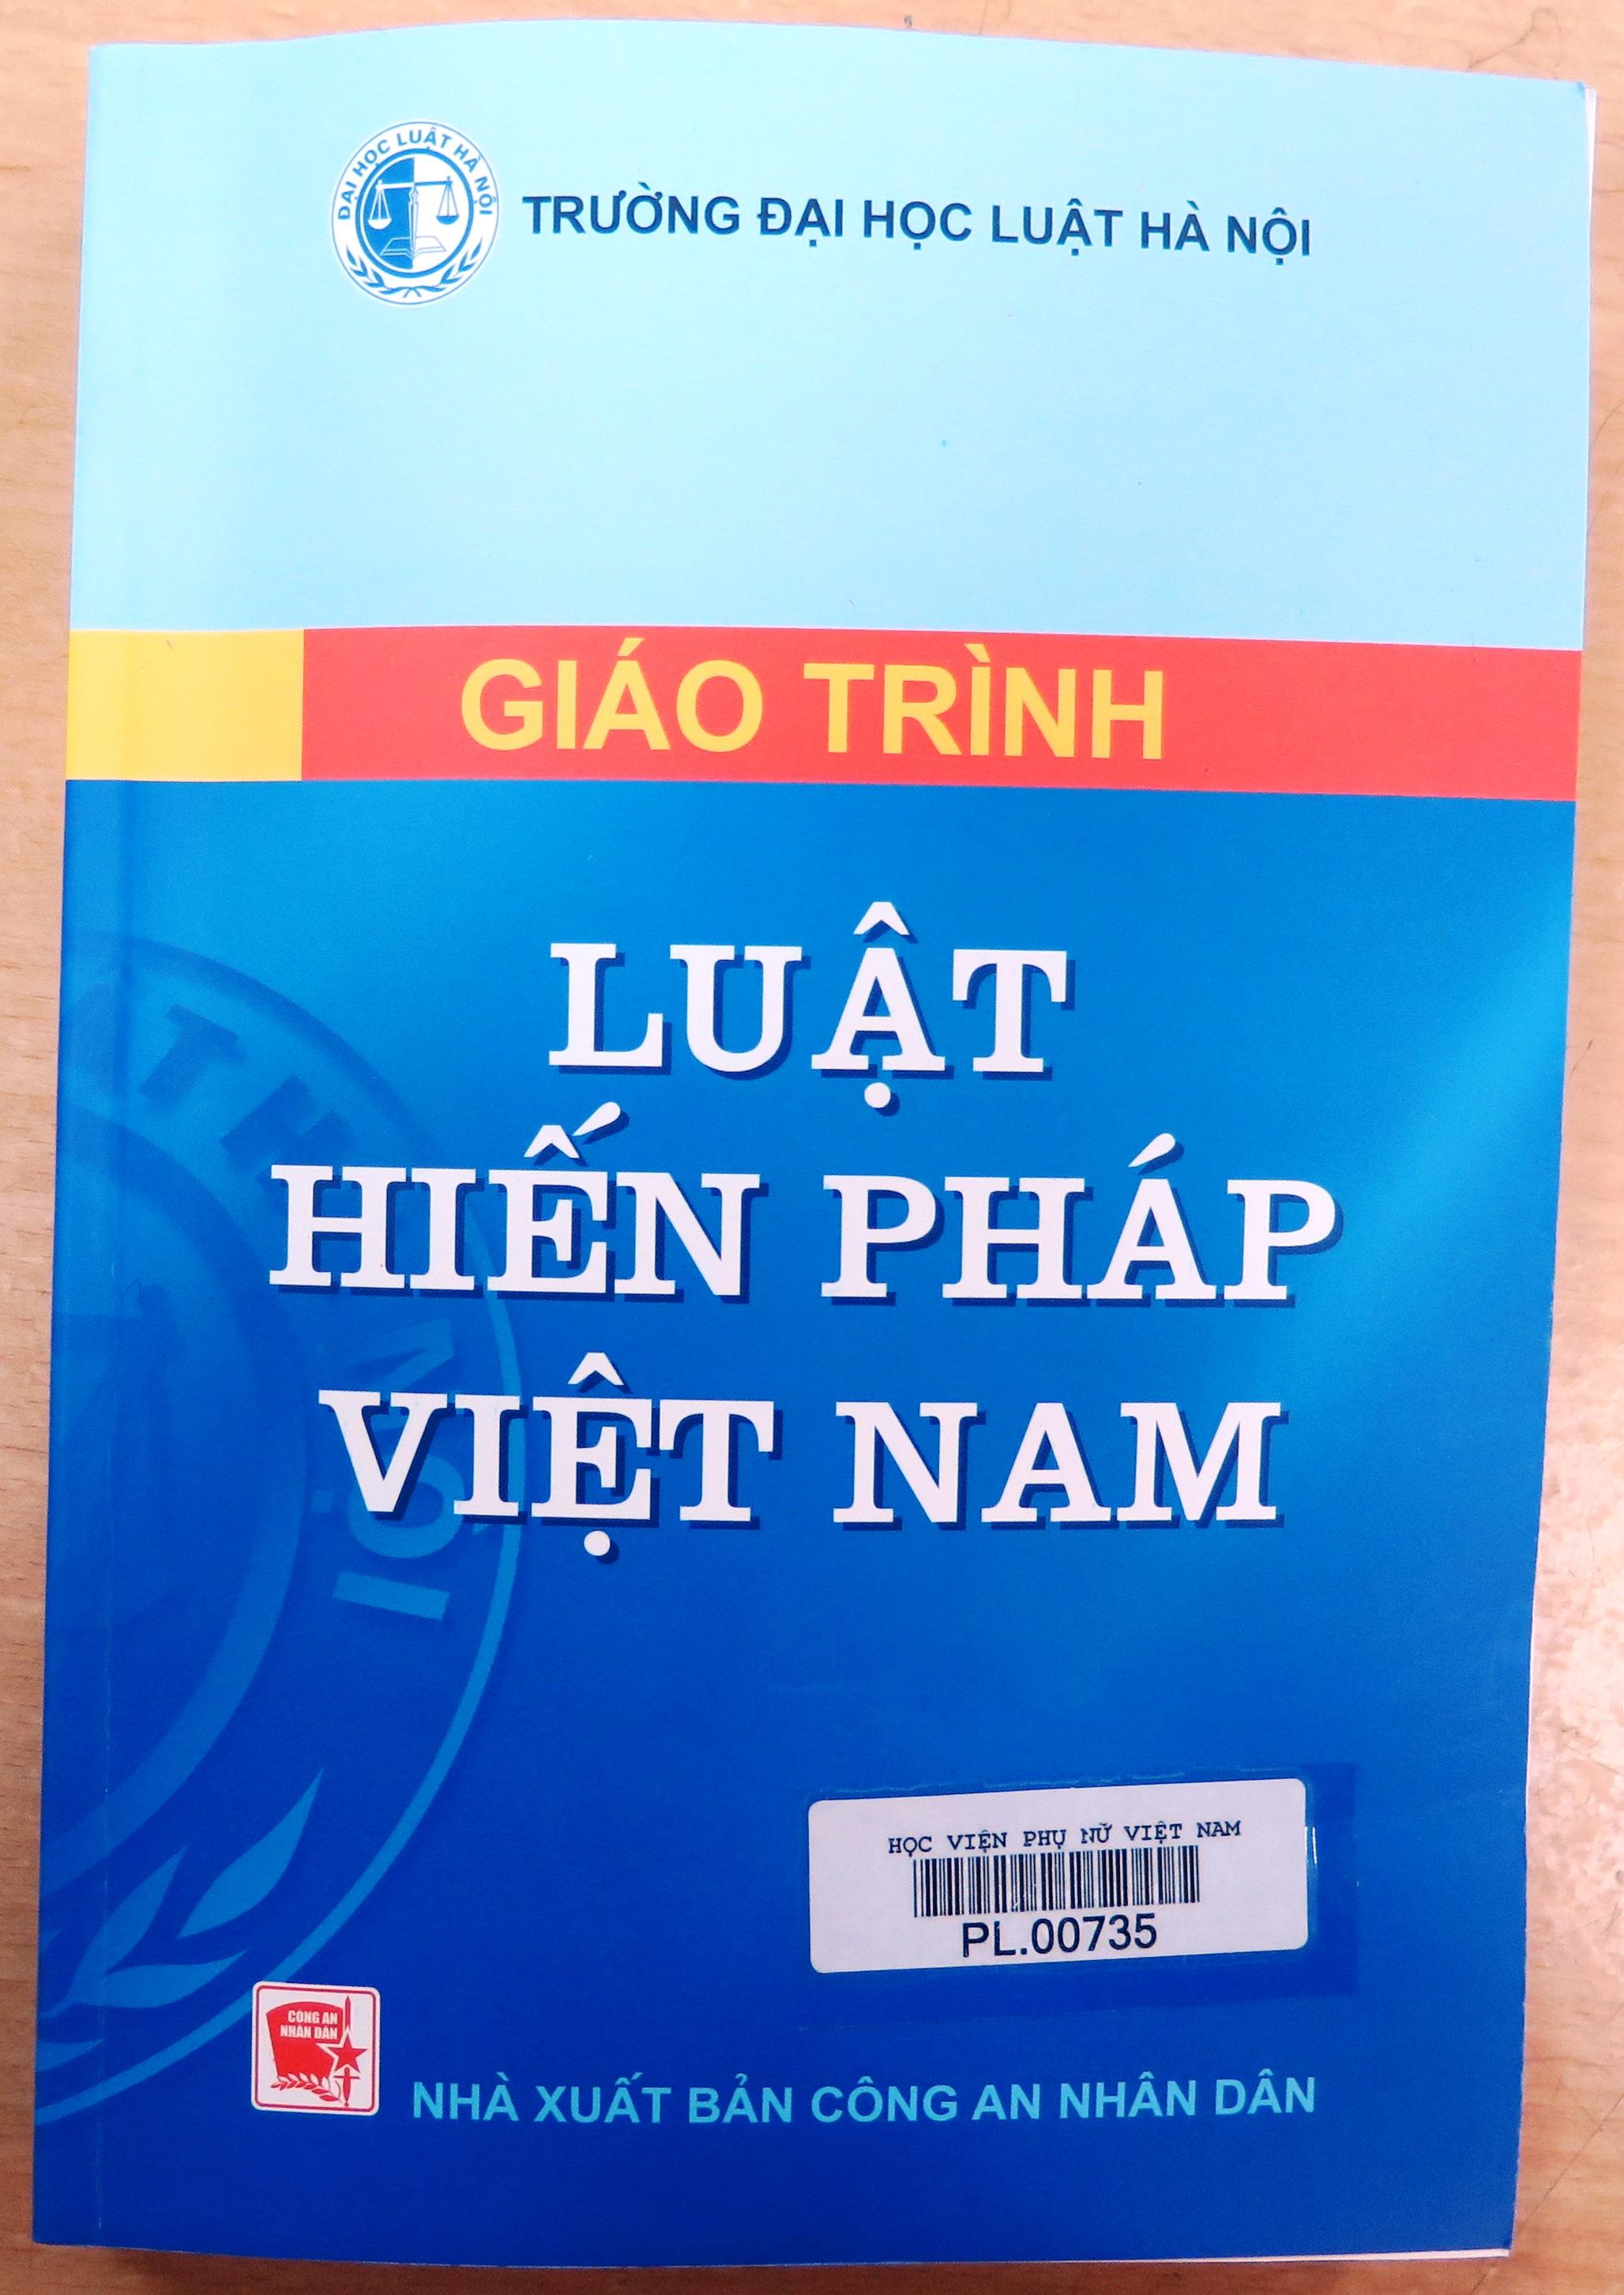 Giới thiệu sách: Giáo trình luật hiến pháp Việt Nam